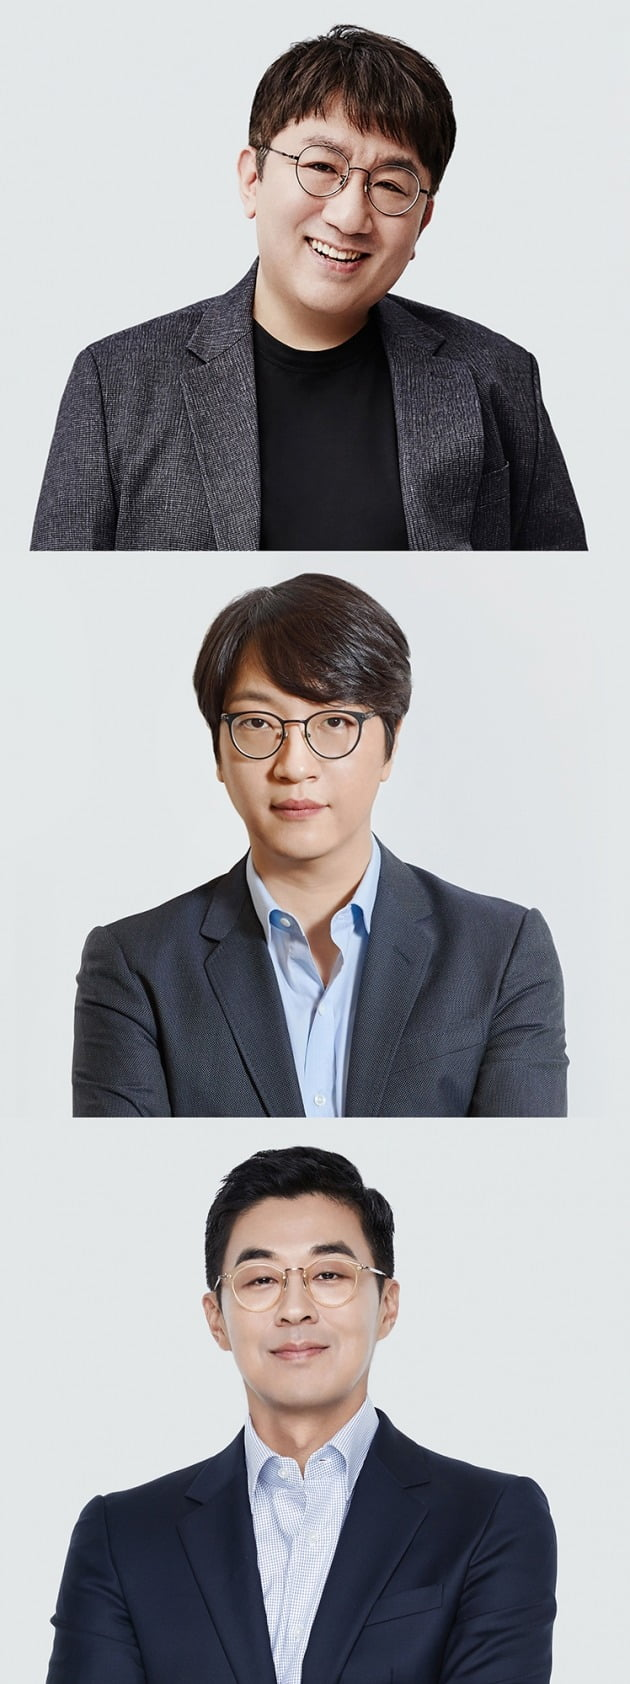 빅히트 엔터테인먼트 방시혁 의장(위부터), 윤석준 Global CEO, 박지원 HQ CEO./ 사진제공=빅히트 엔터테인먼트